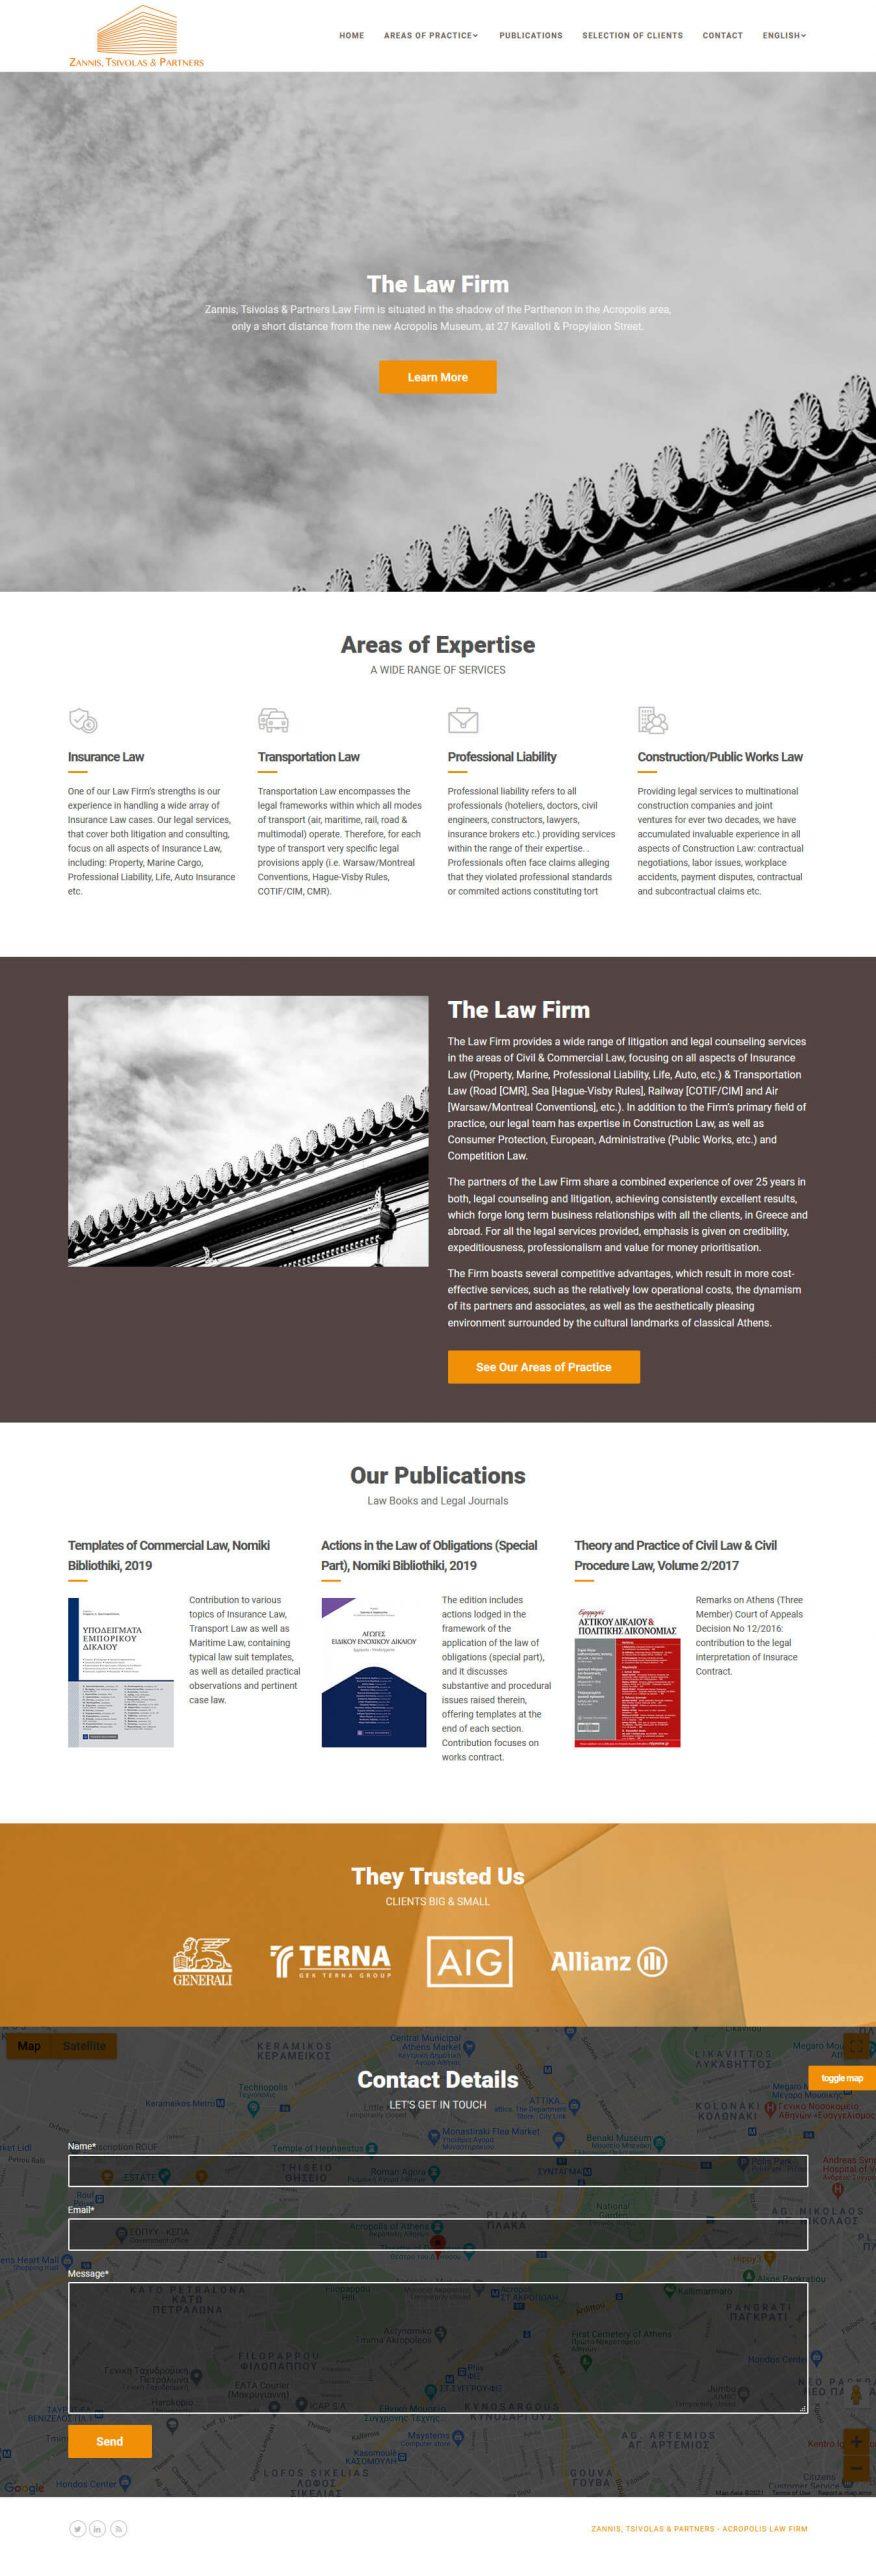 Acropolis-website-1-scaled.jpg